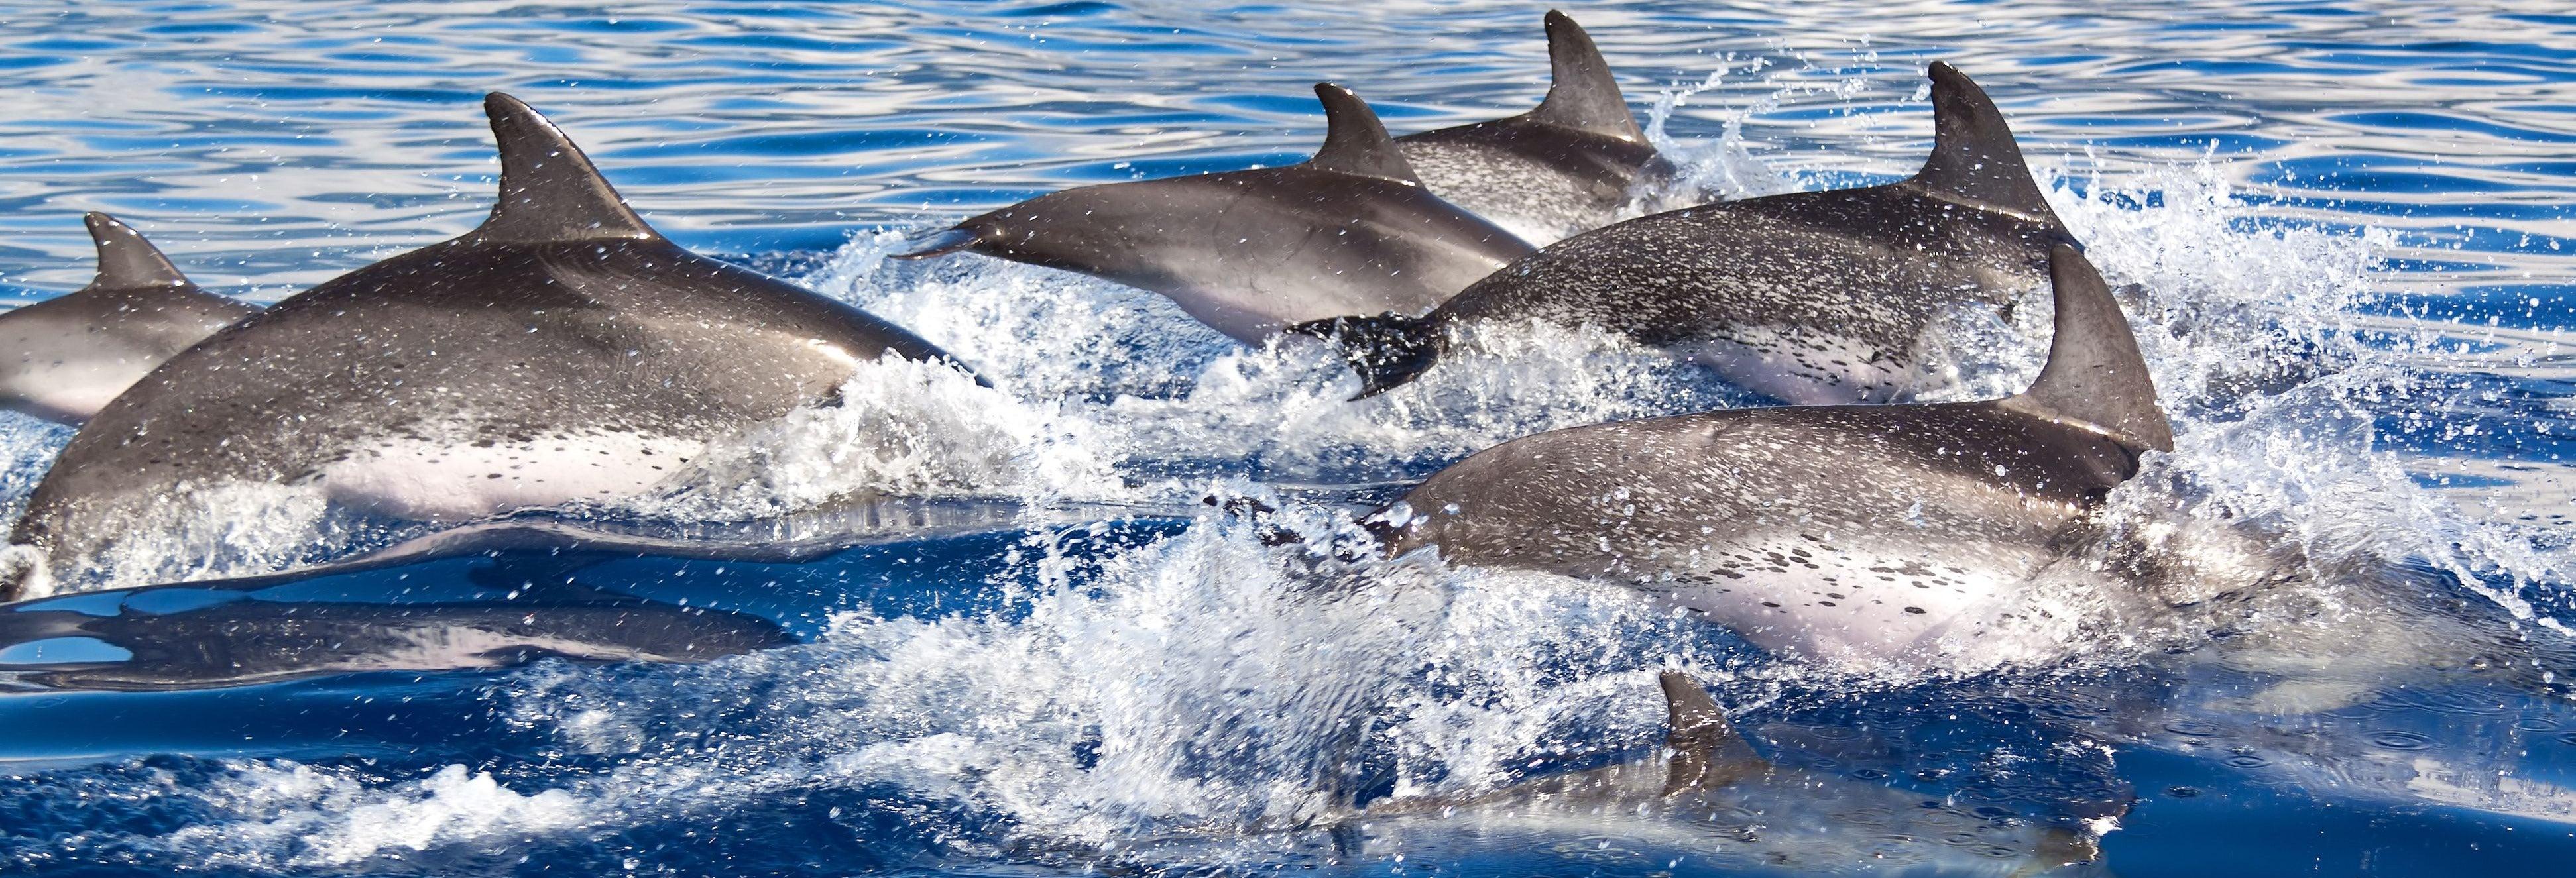 Avistamiento de delfines en el sur de Mallorca